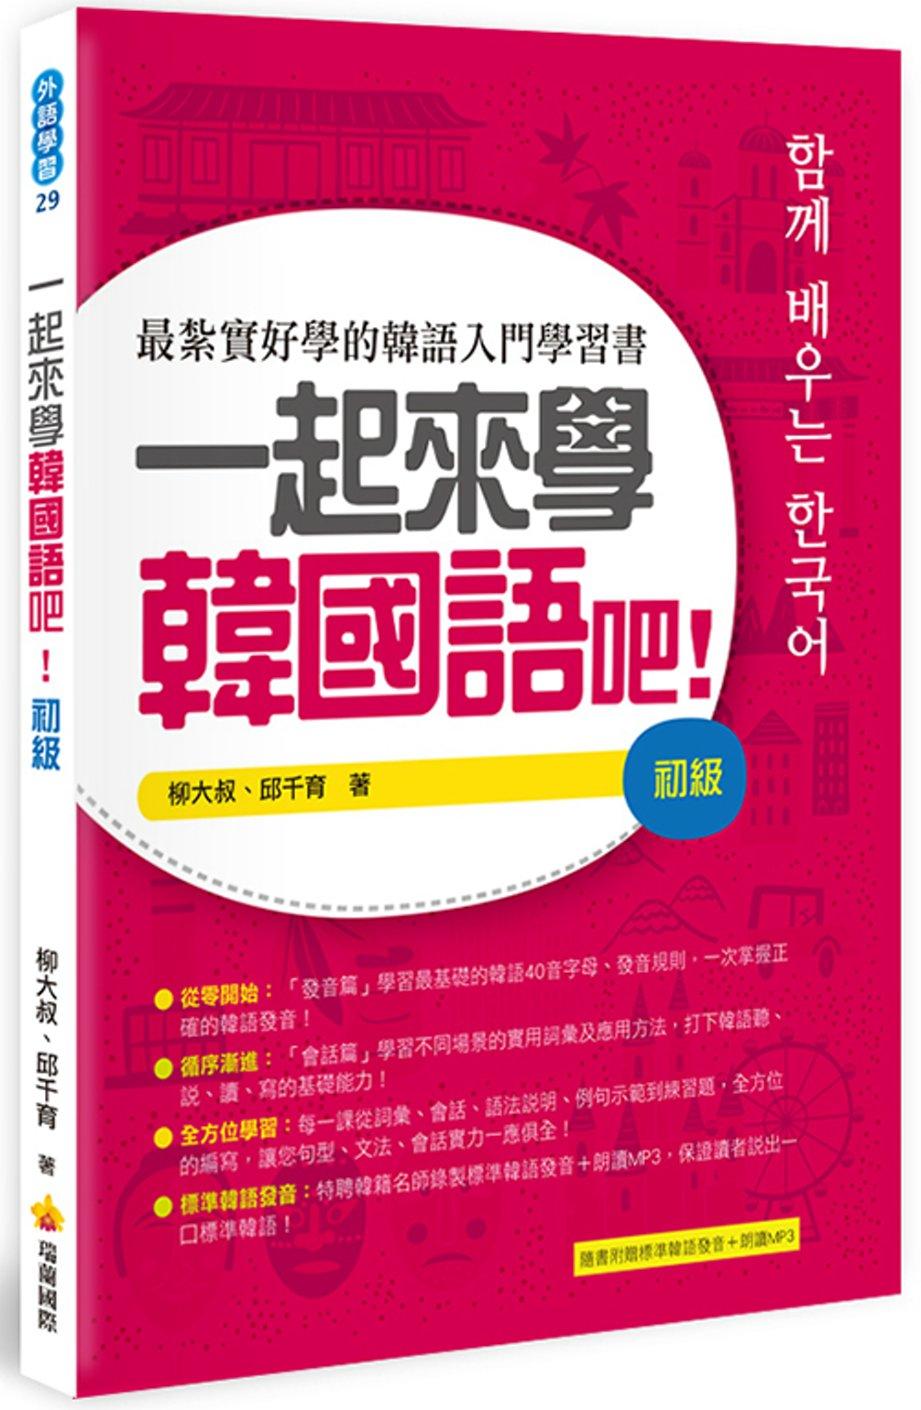 一起來學韓國語吧^!初級^(隨書附贈韓籍名師親錄 韓語發音 朗讀MP3^)